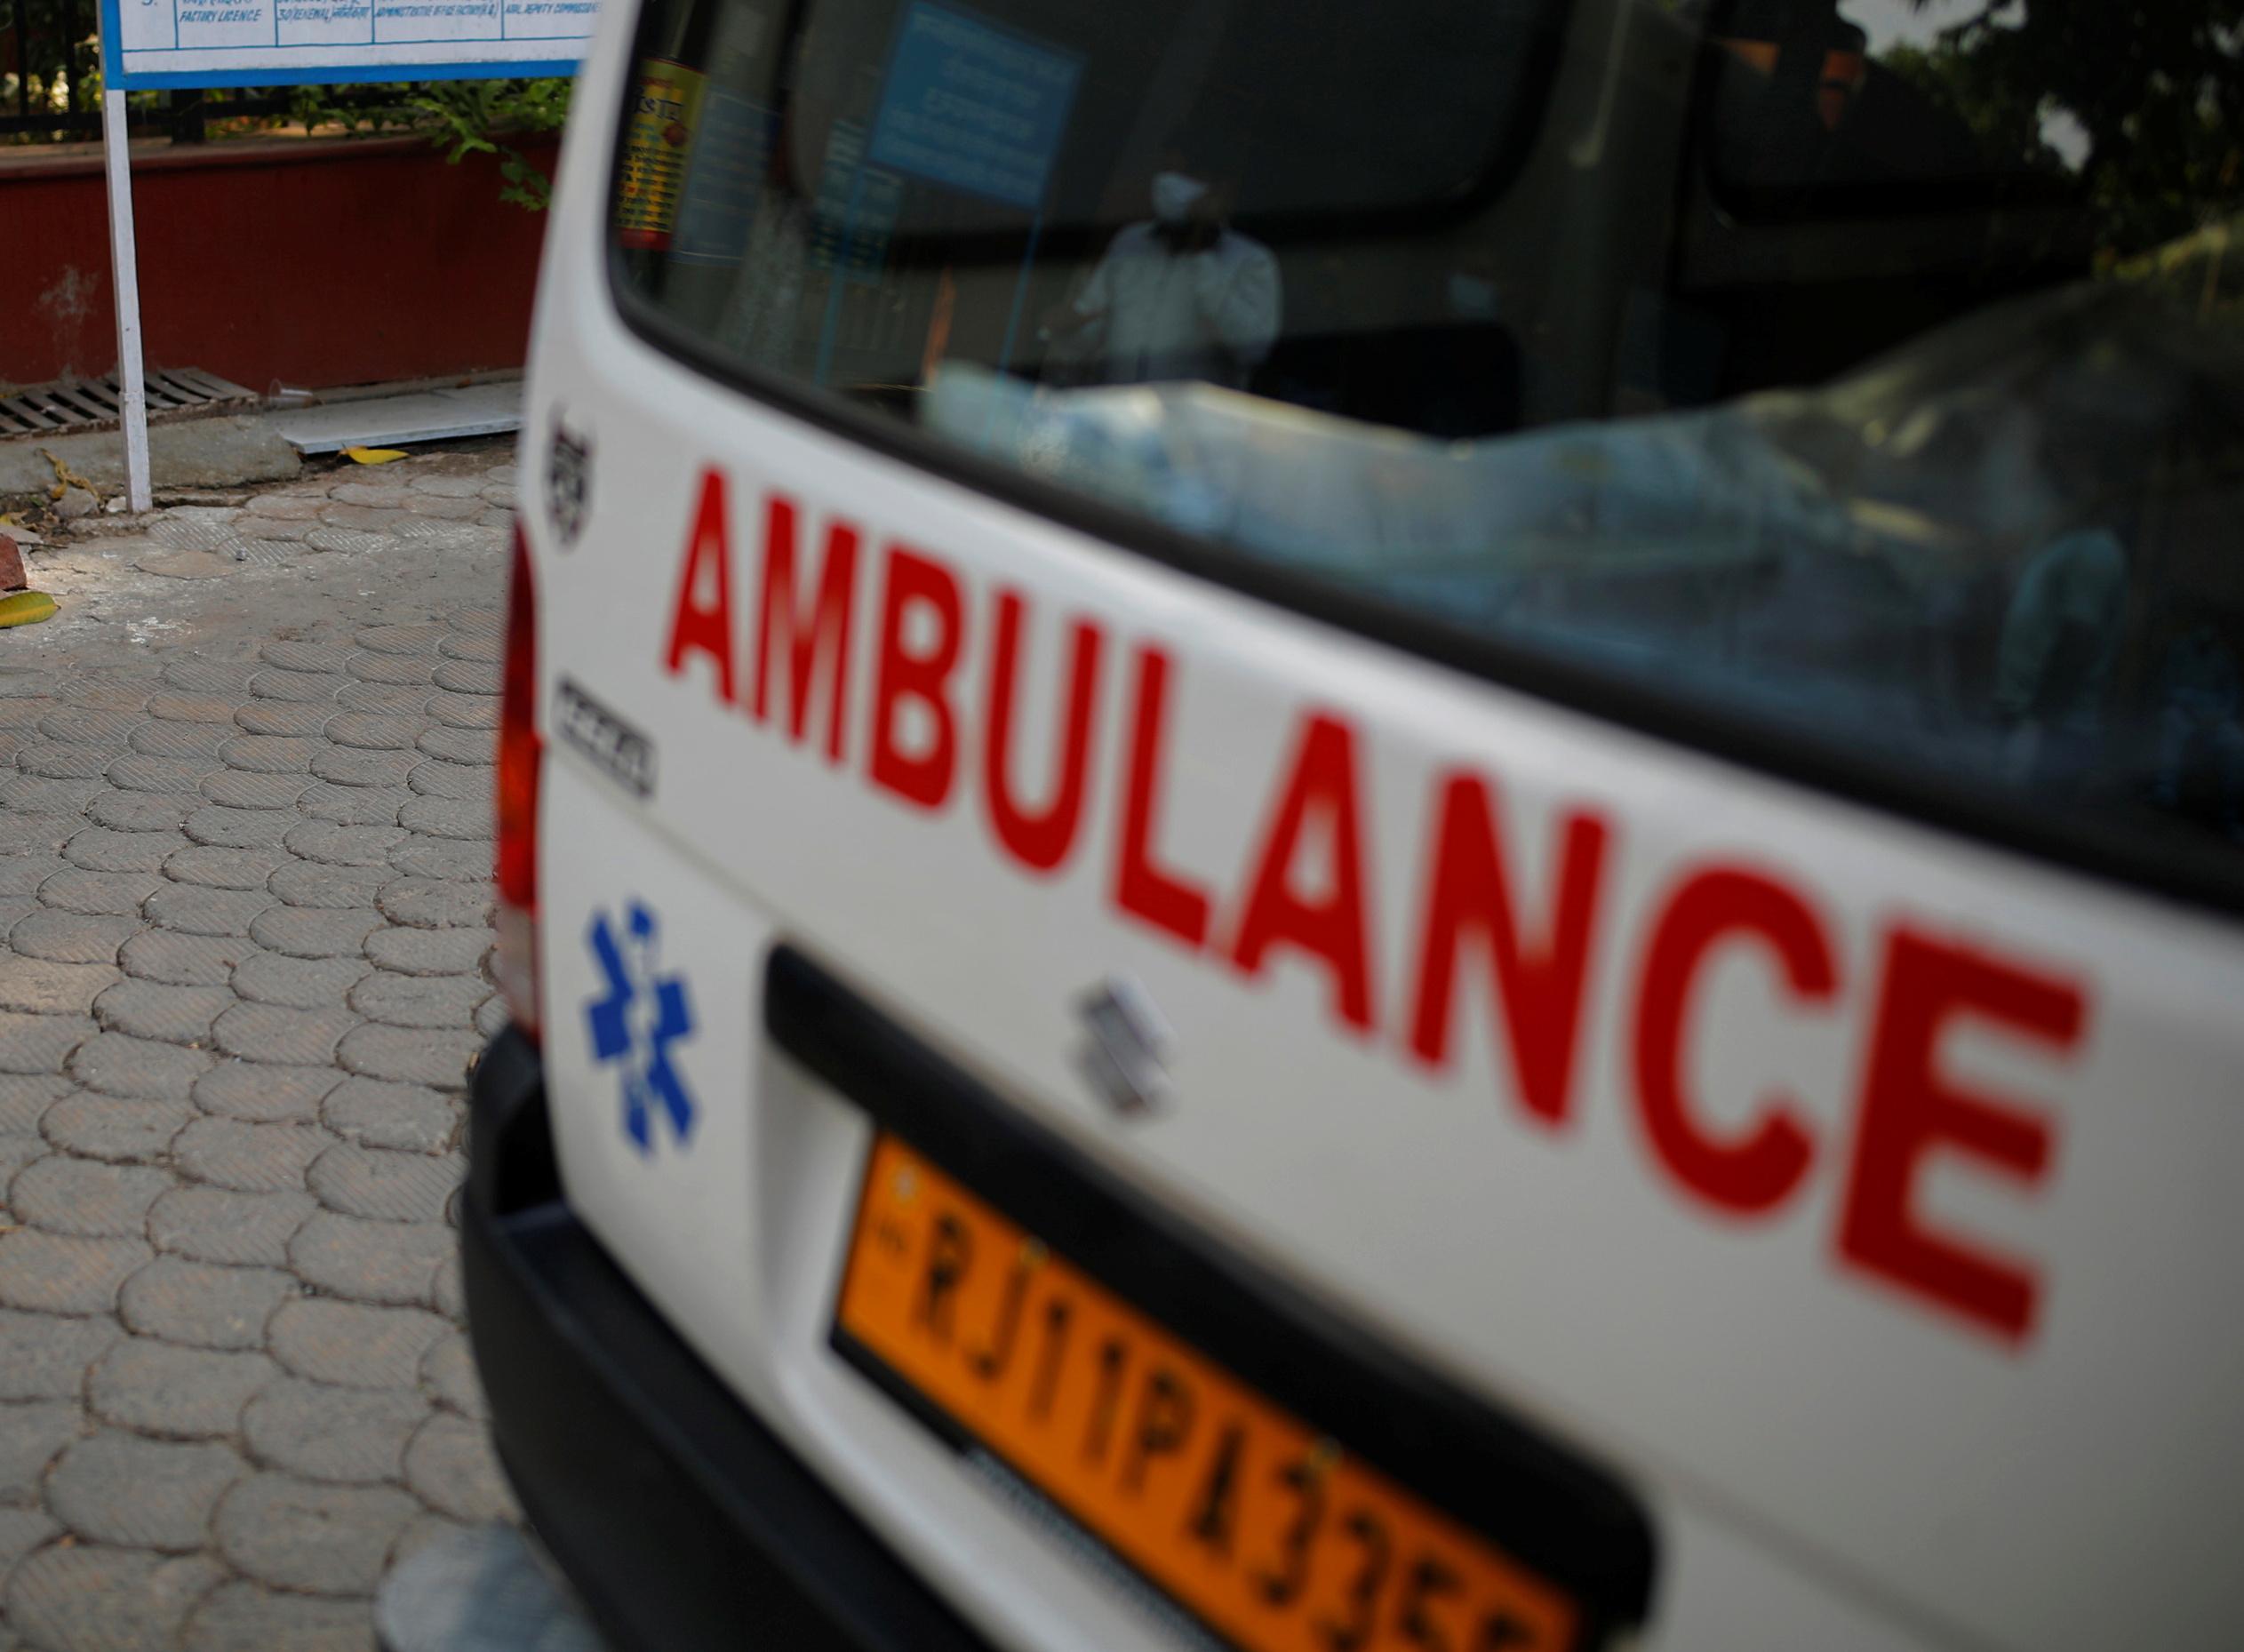 Βολιβία: Λεωφορείο έπεσε σε χαράδρα – Τουλάχιστον 24 νεκροί